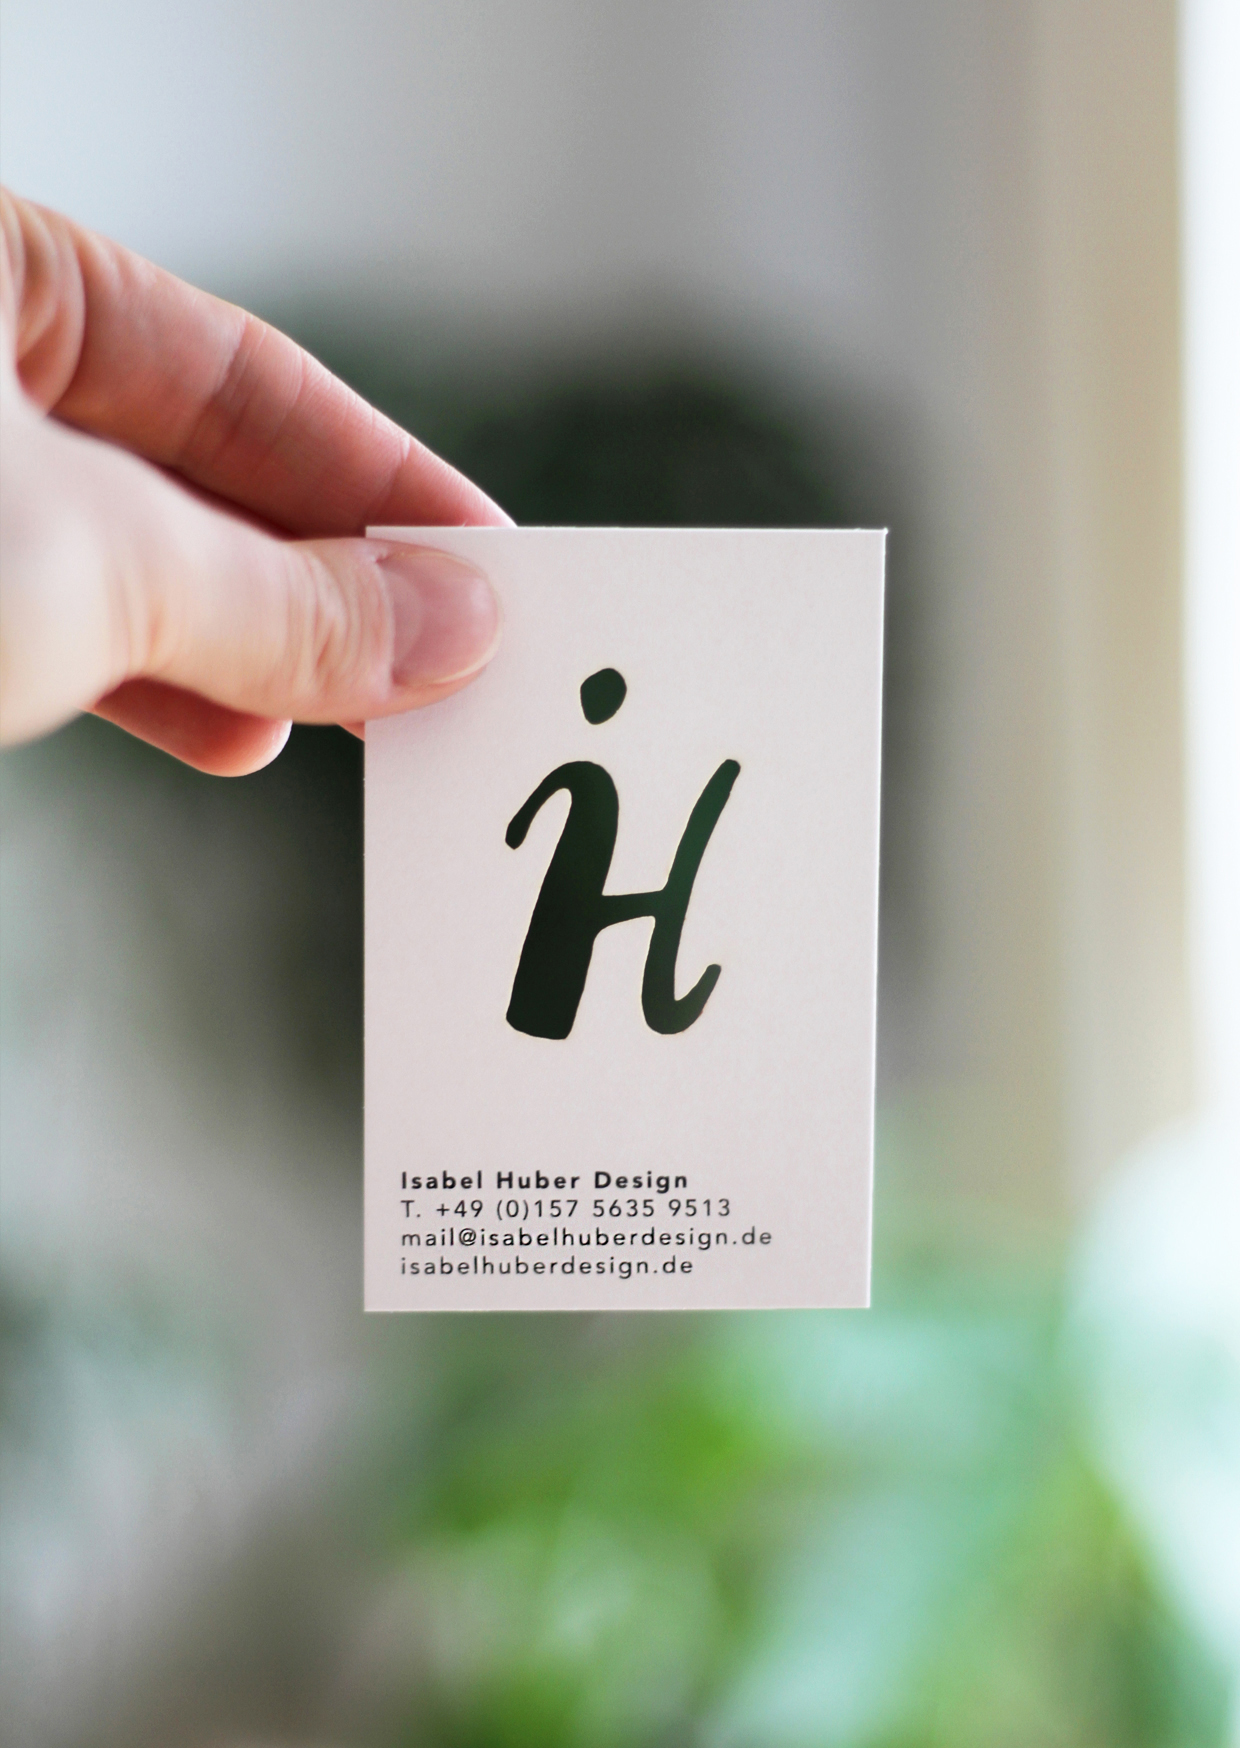 Vistenkarten_Isabelhuberdesign-4